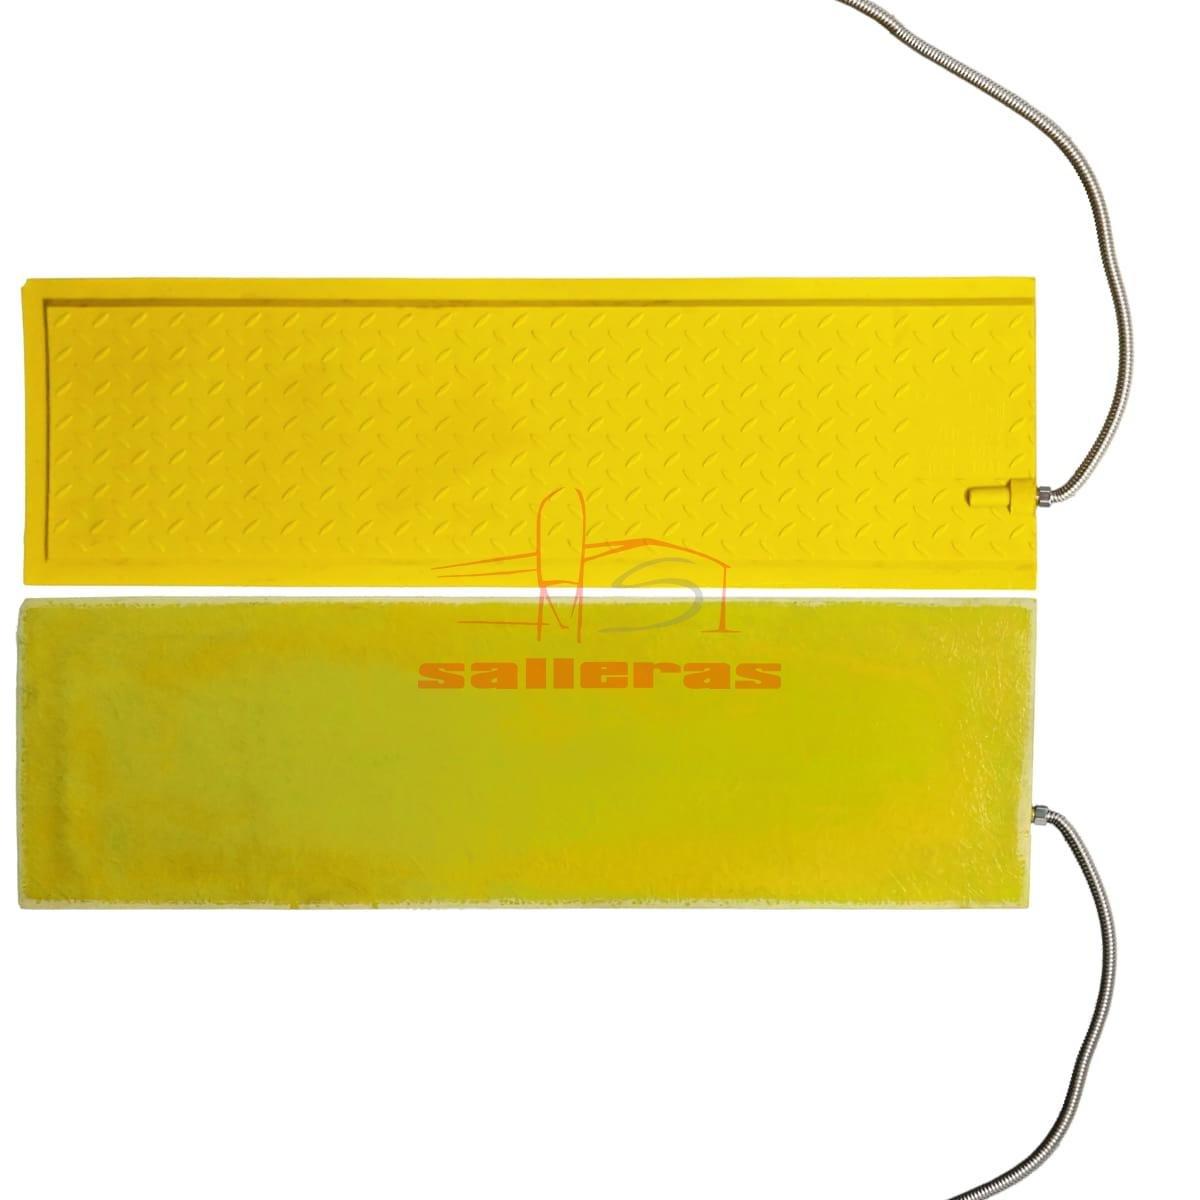 Placas de calefaccion amarillas de poliester